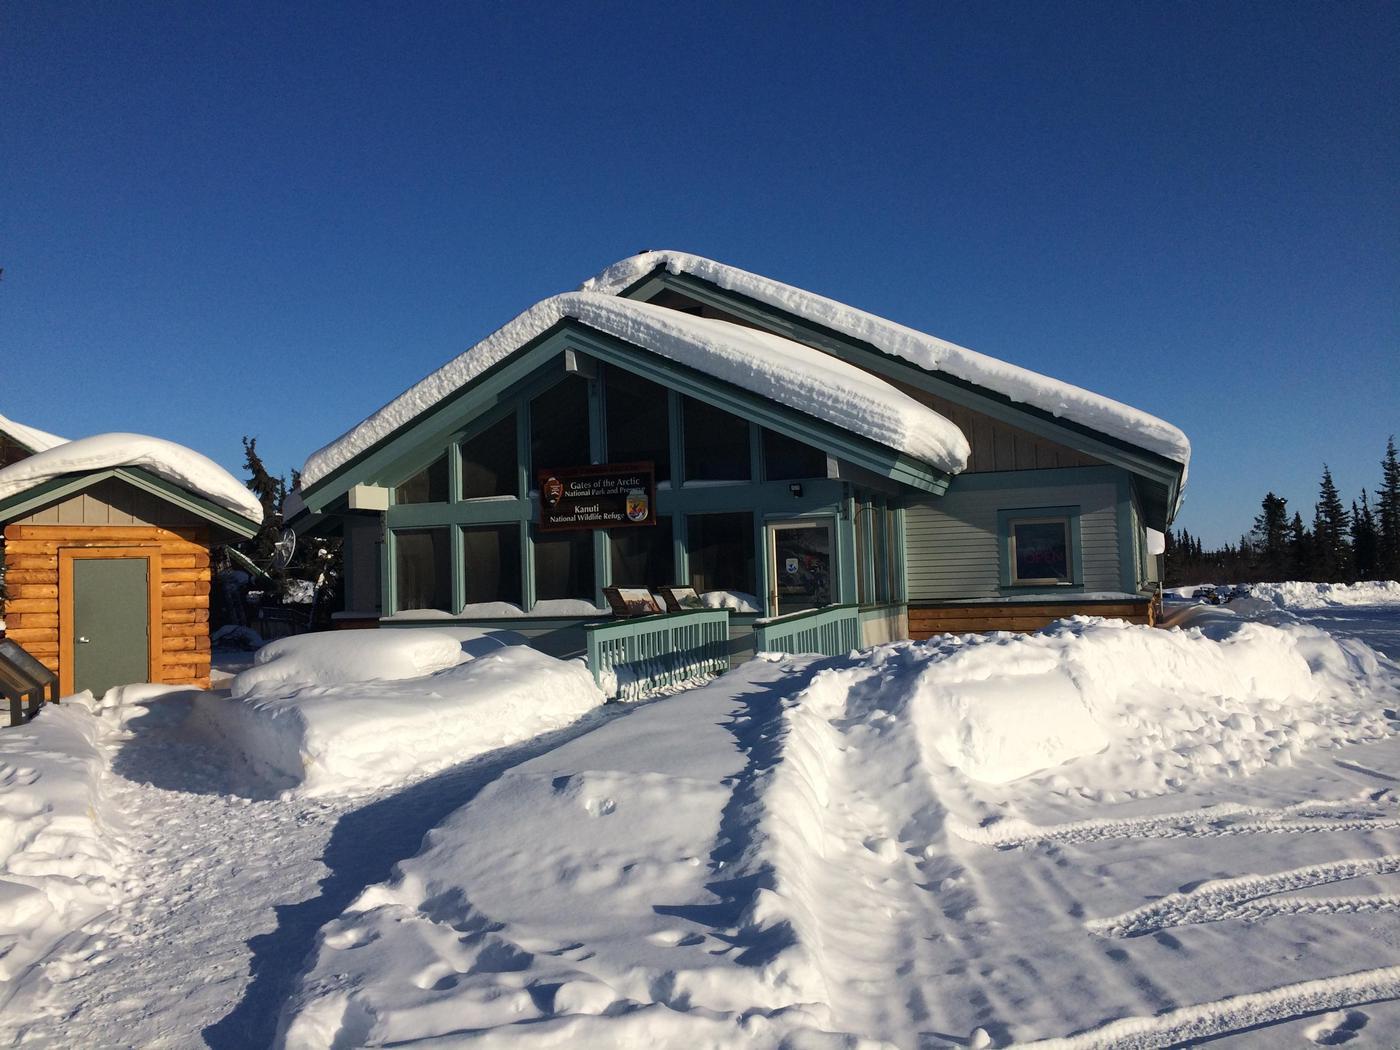 Bettles Ranger Station Winter 2Bettles Ranger Station in the winter.